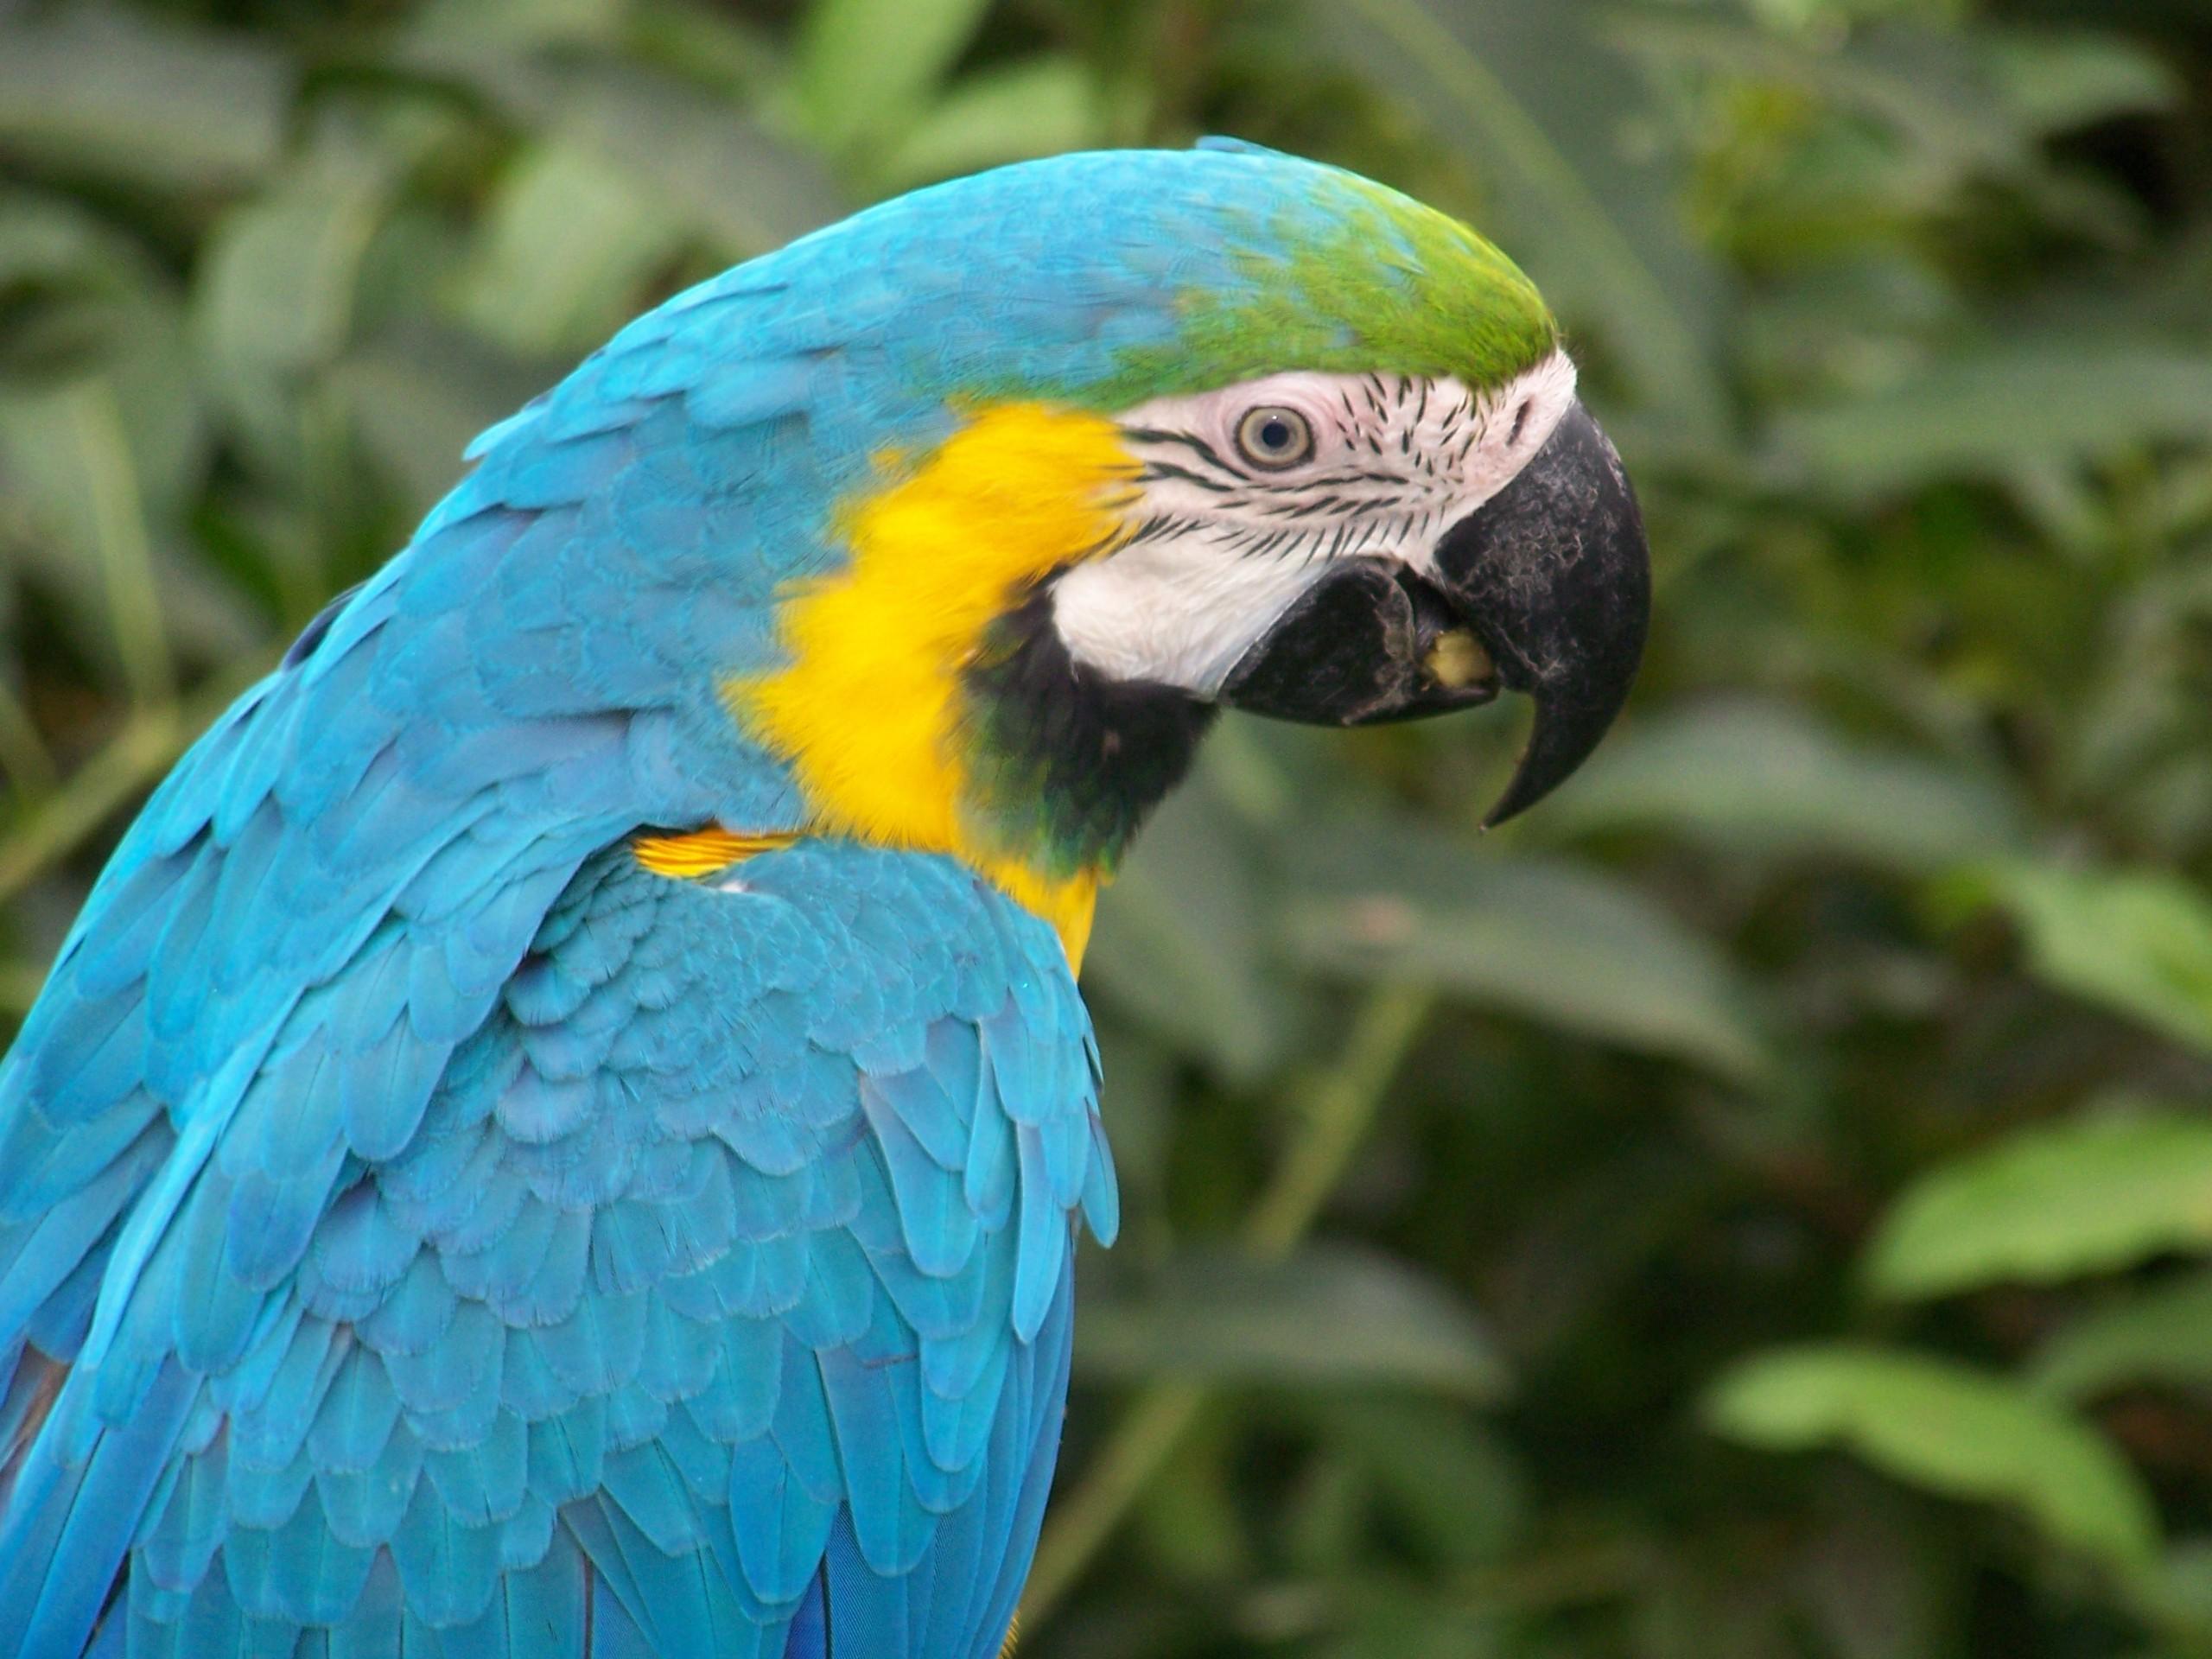 Download Wallpaper HD Parrot Bird For DesktopBeautiful Bird 2560x1920